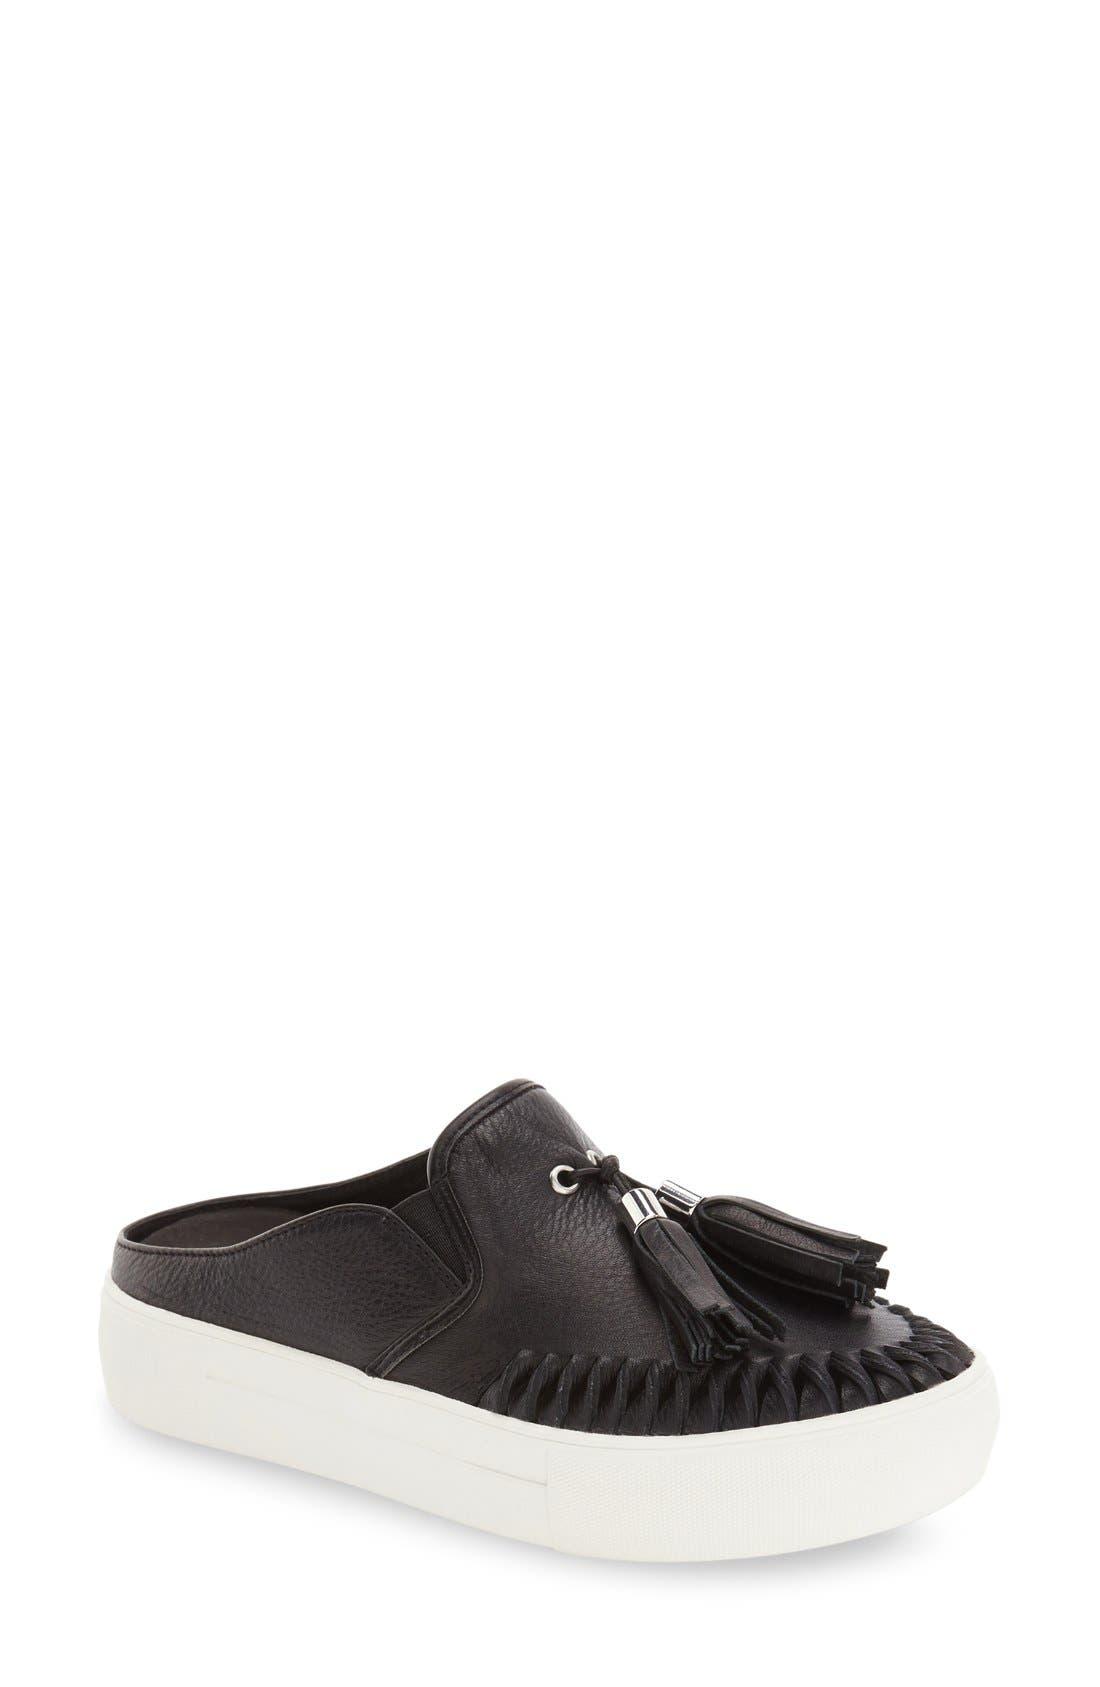 JSLIDES, Tassel Slip-On Sneaker, Main thumbnail 1, color, 015